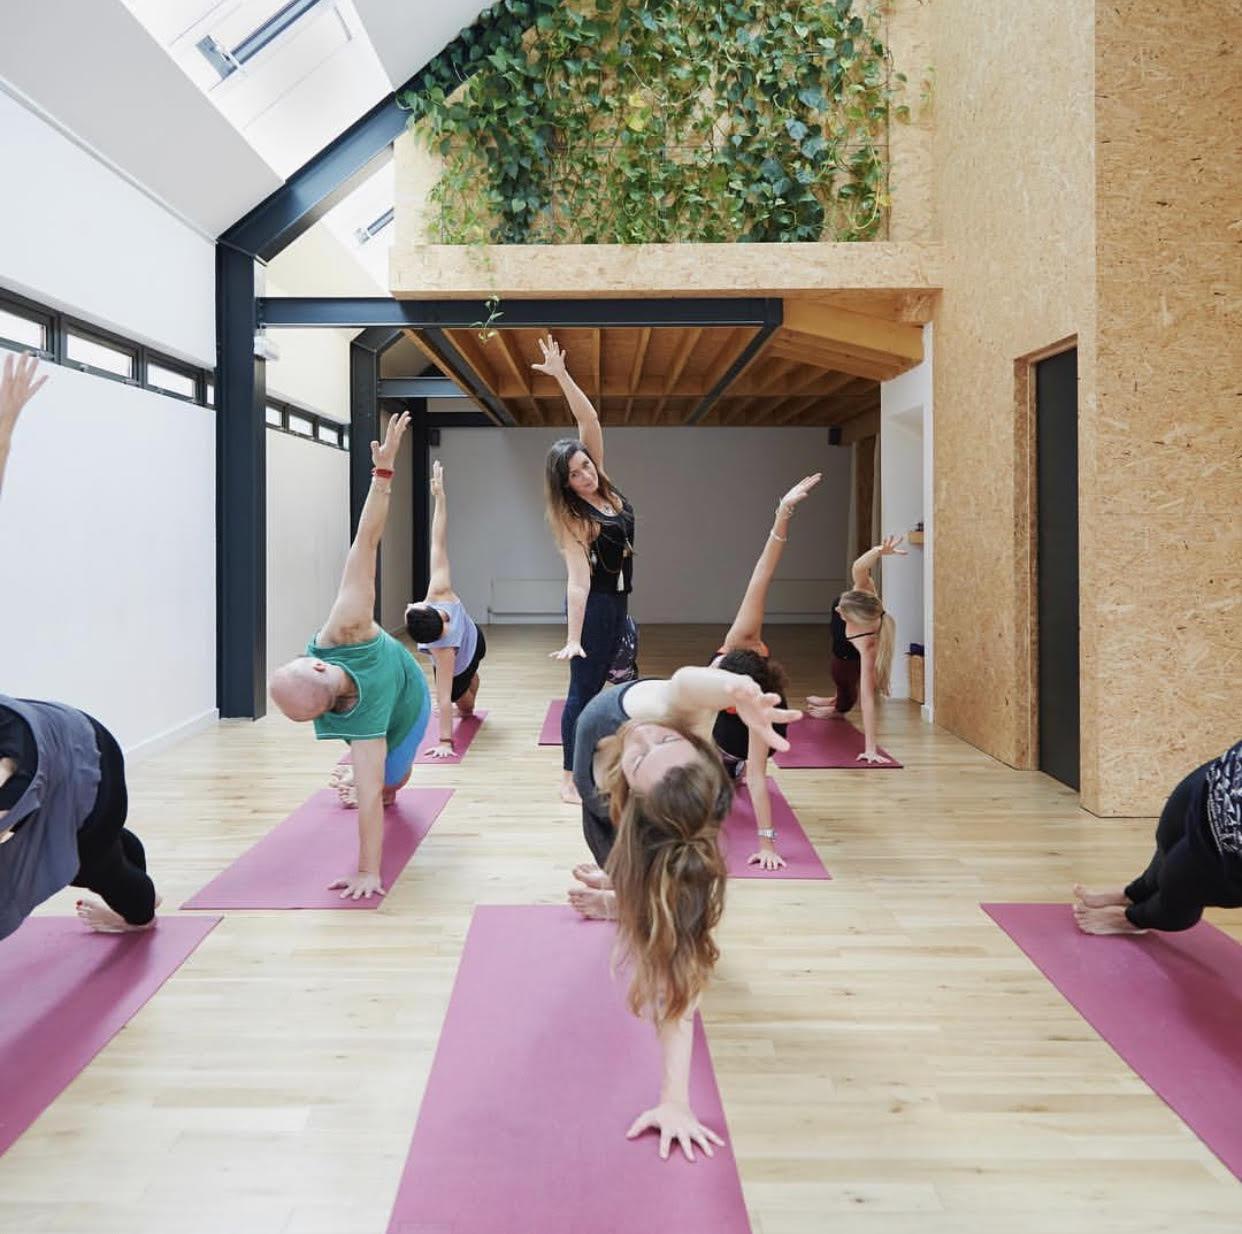 East of Eden's yoga studio